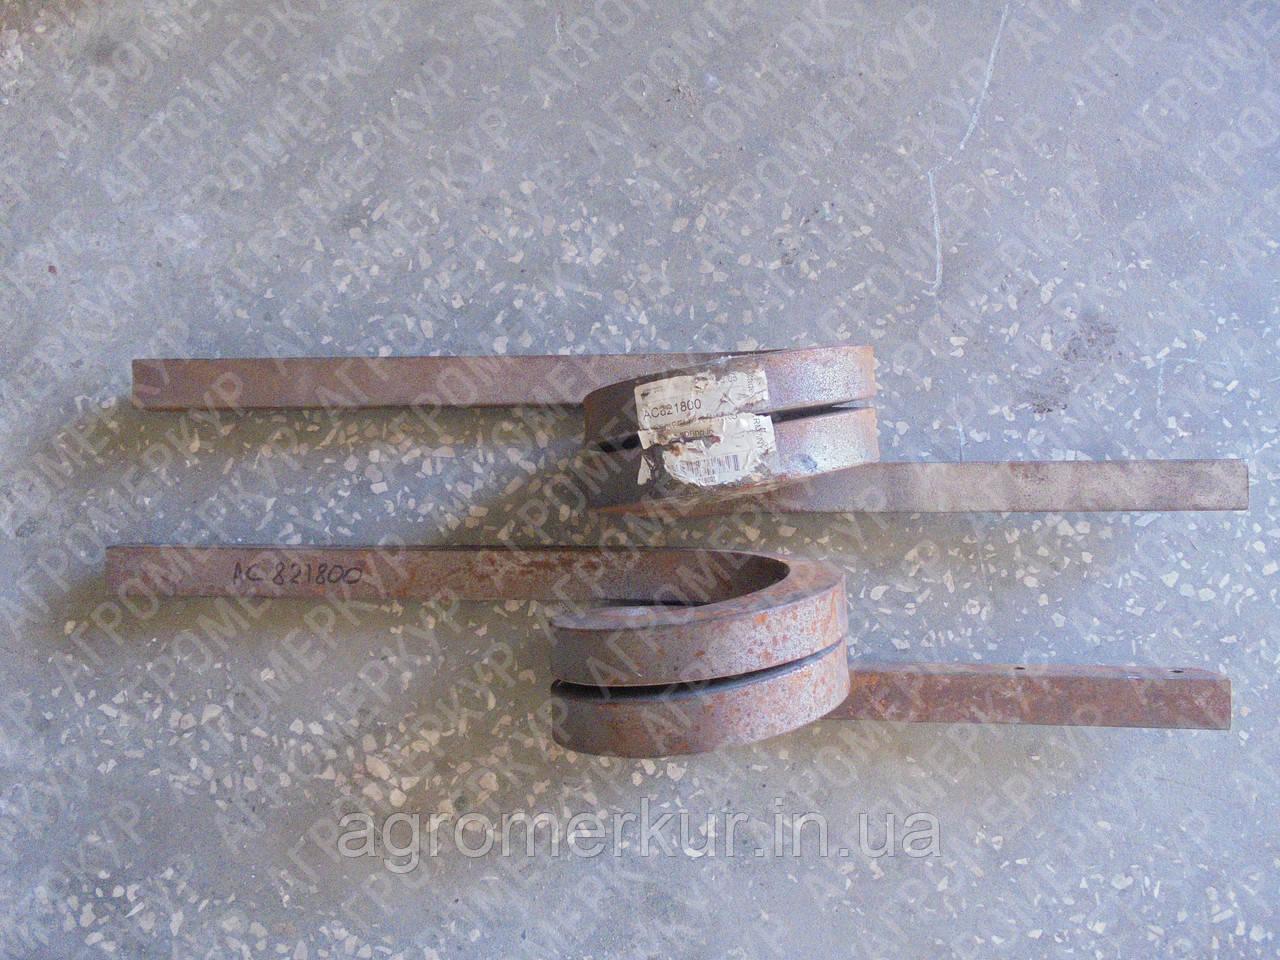 Пружина AC821800 тукового сошника Kverneland